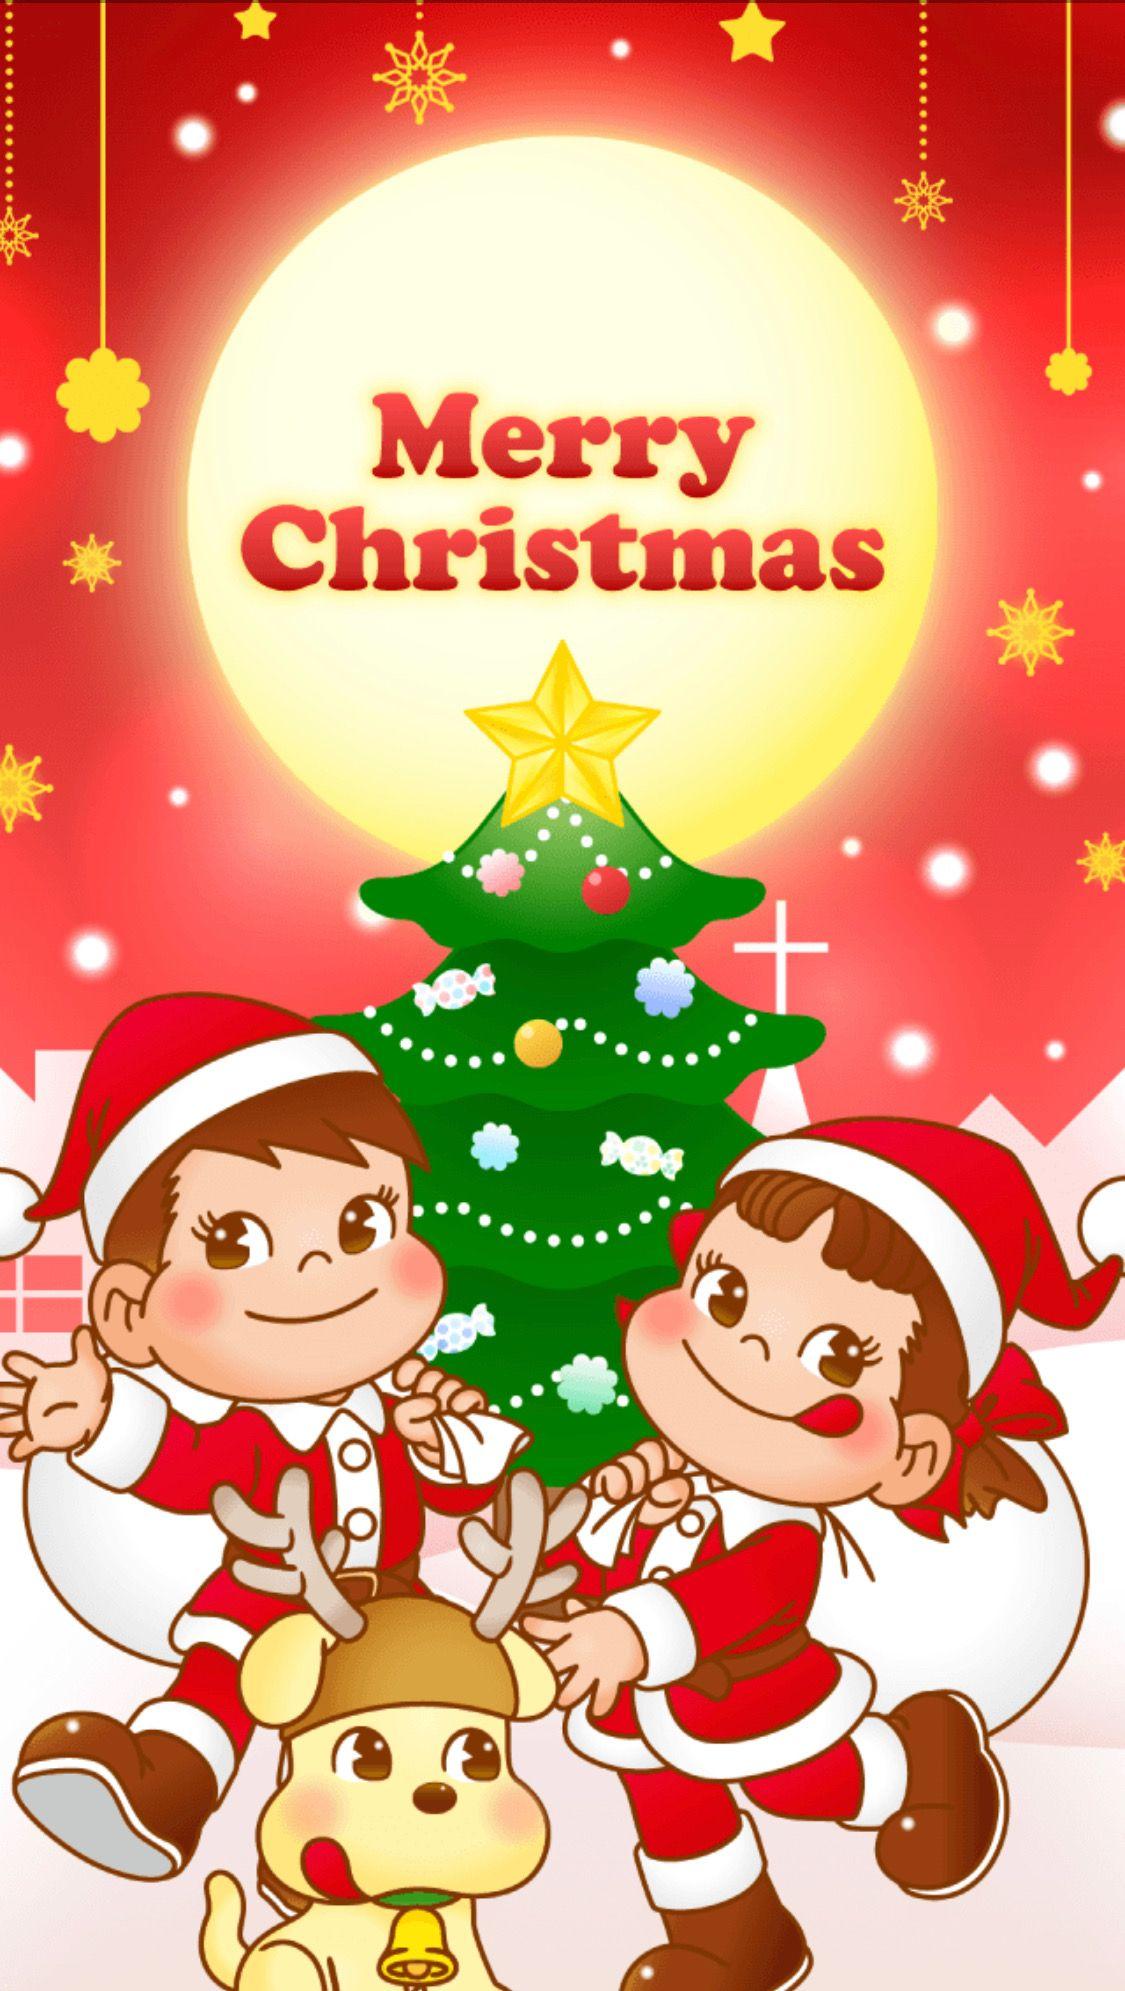 혜향 おしゃれまとめの人気アイデア Pinterest Perry Leung クリスマスの壁紙 可愛い壁紙 壁紙